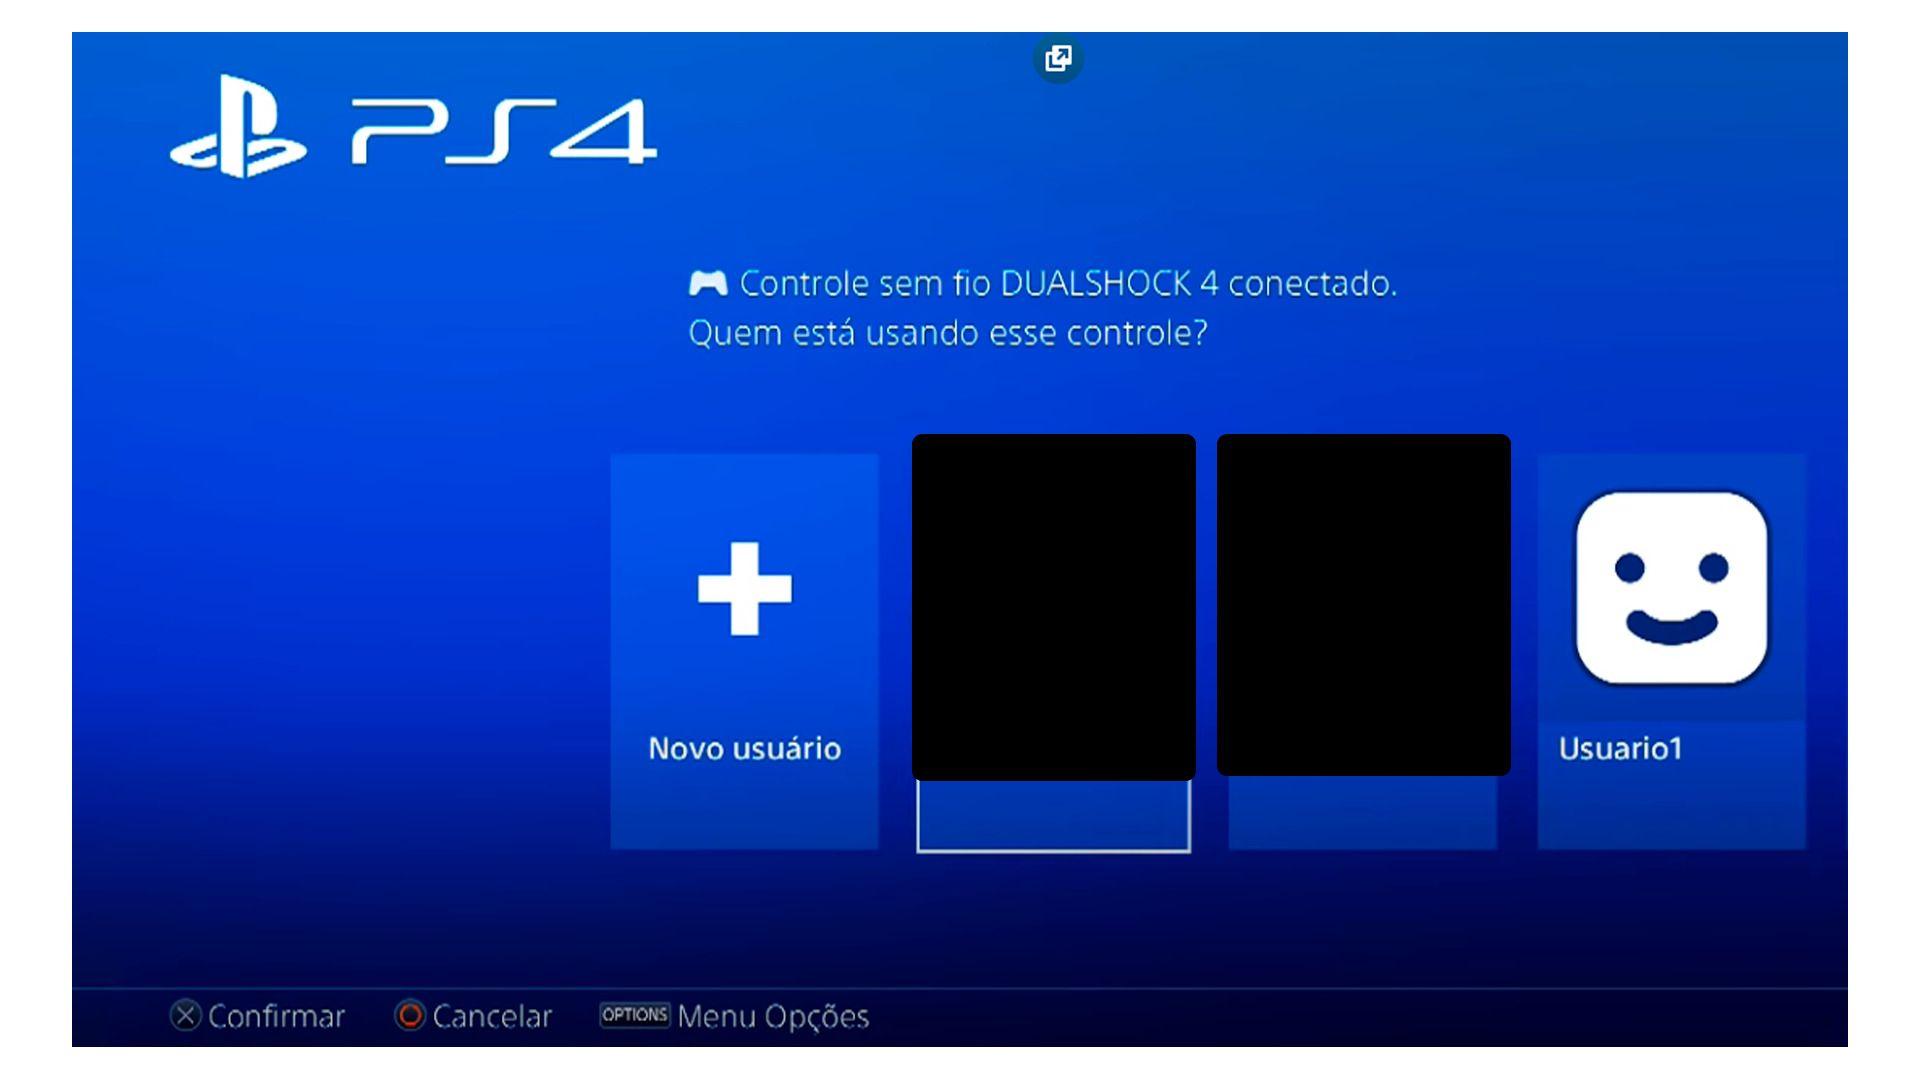 Escolha Novo Usuário para iniciar o cadastro na Playstation Store no PS4 (Foto/Hugo Iwaasa)